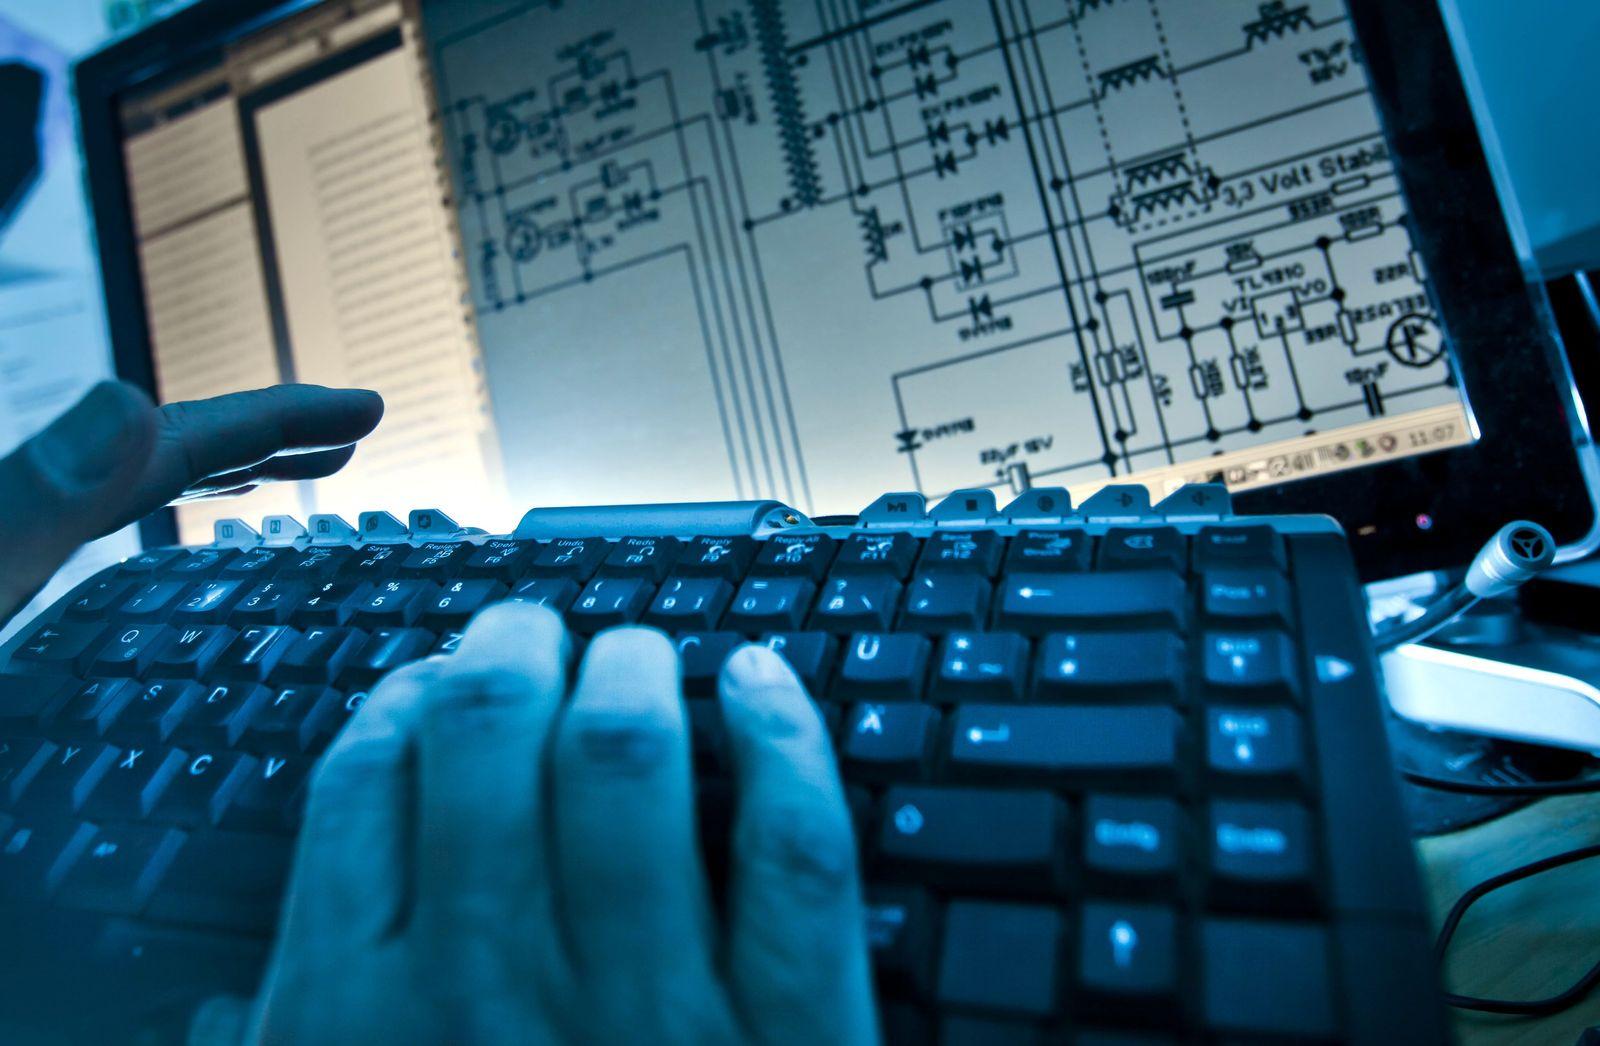 KaSP Hacker Nerd Schaltplan SYMBOLBILD